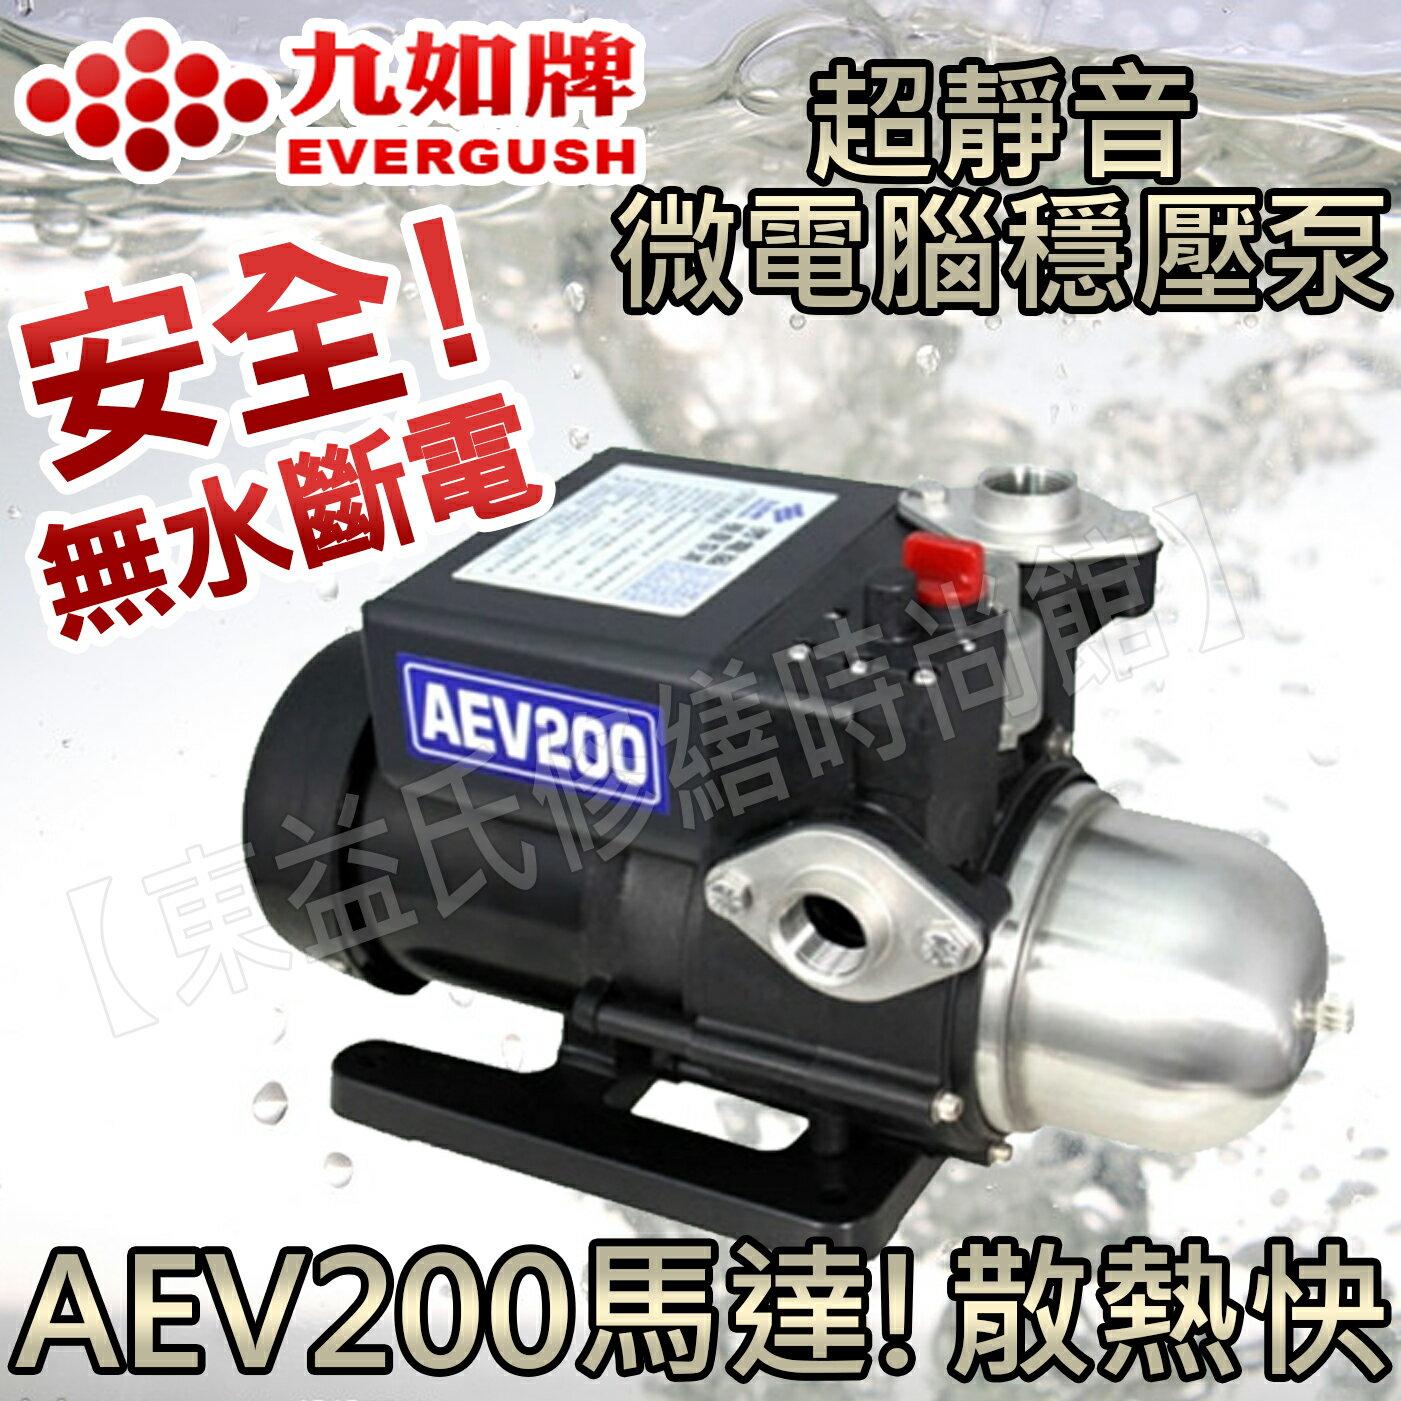 九如牌AEV200 穩壓超靜音加壓馬達1/4HP 110V/220V 電子式穩壓加壓機原 EKV200 【東益氏】售大井 木川